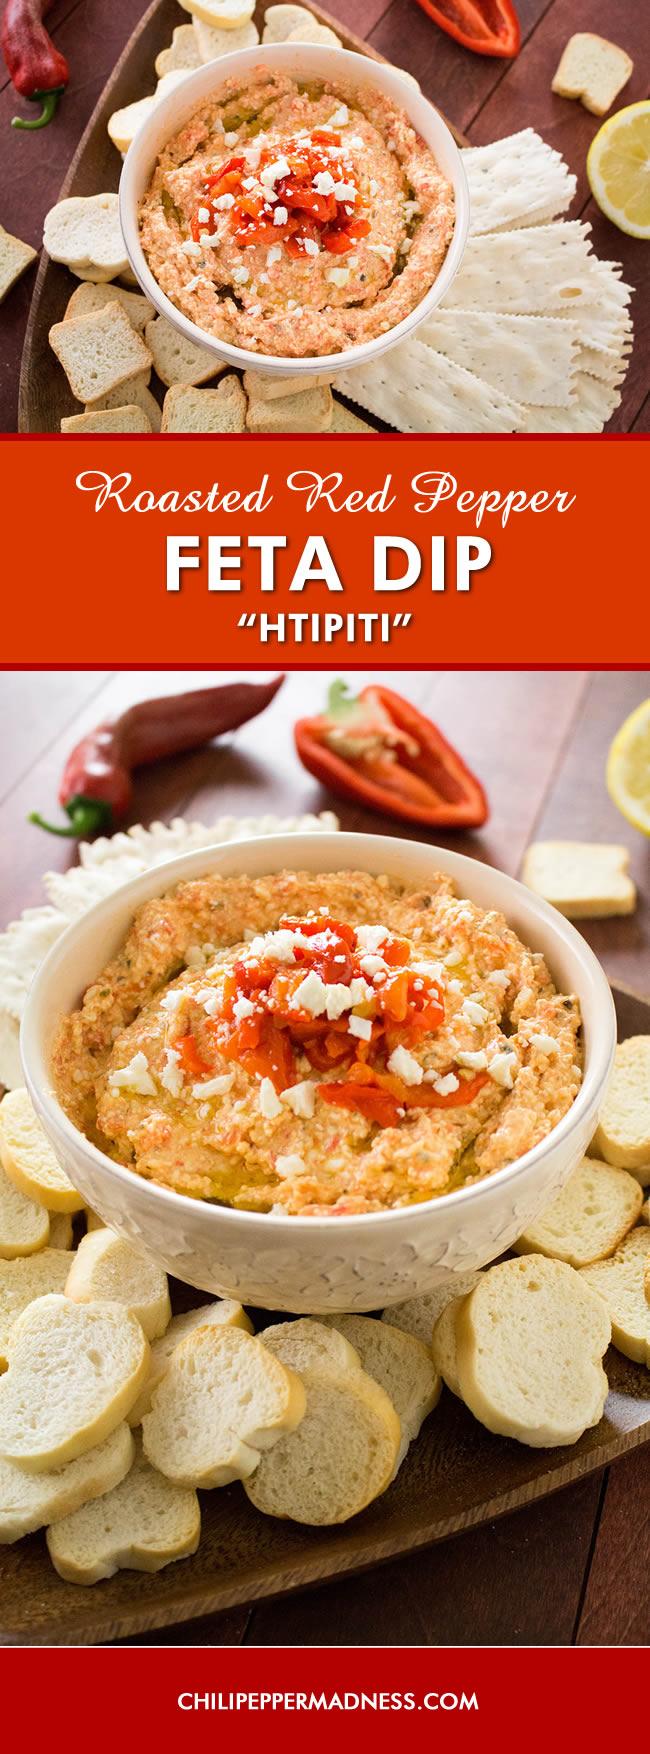 Roasted Red Pepper-Feta Cheese Dip (Htipiti) - Recipe